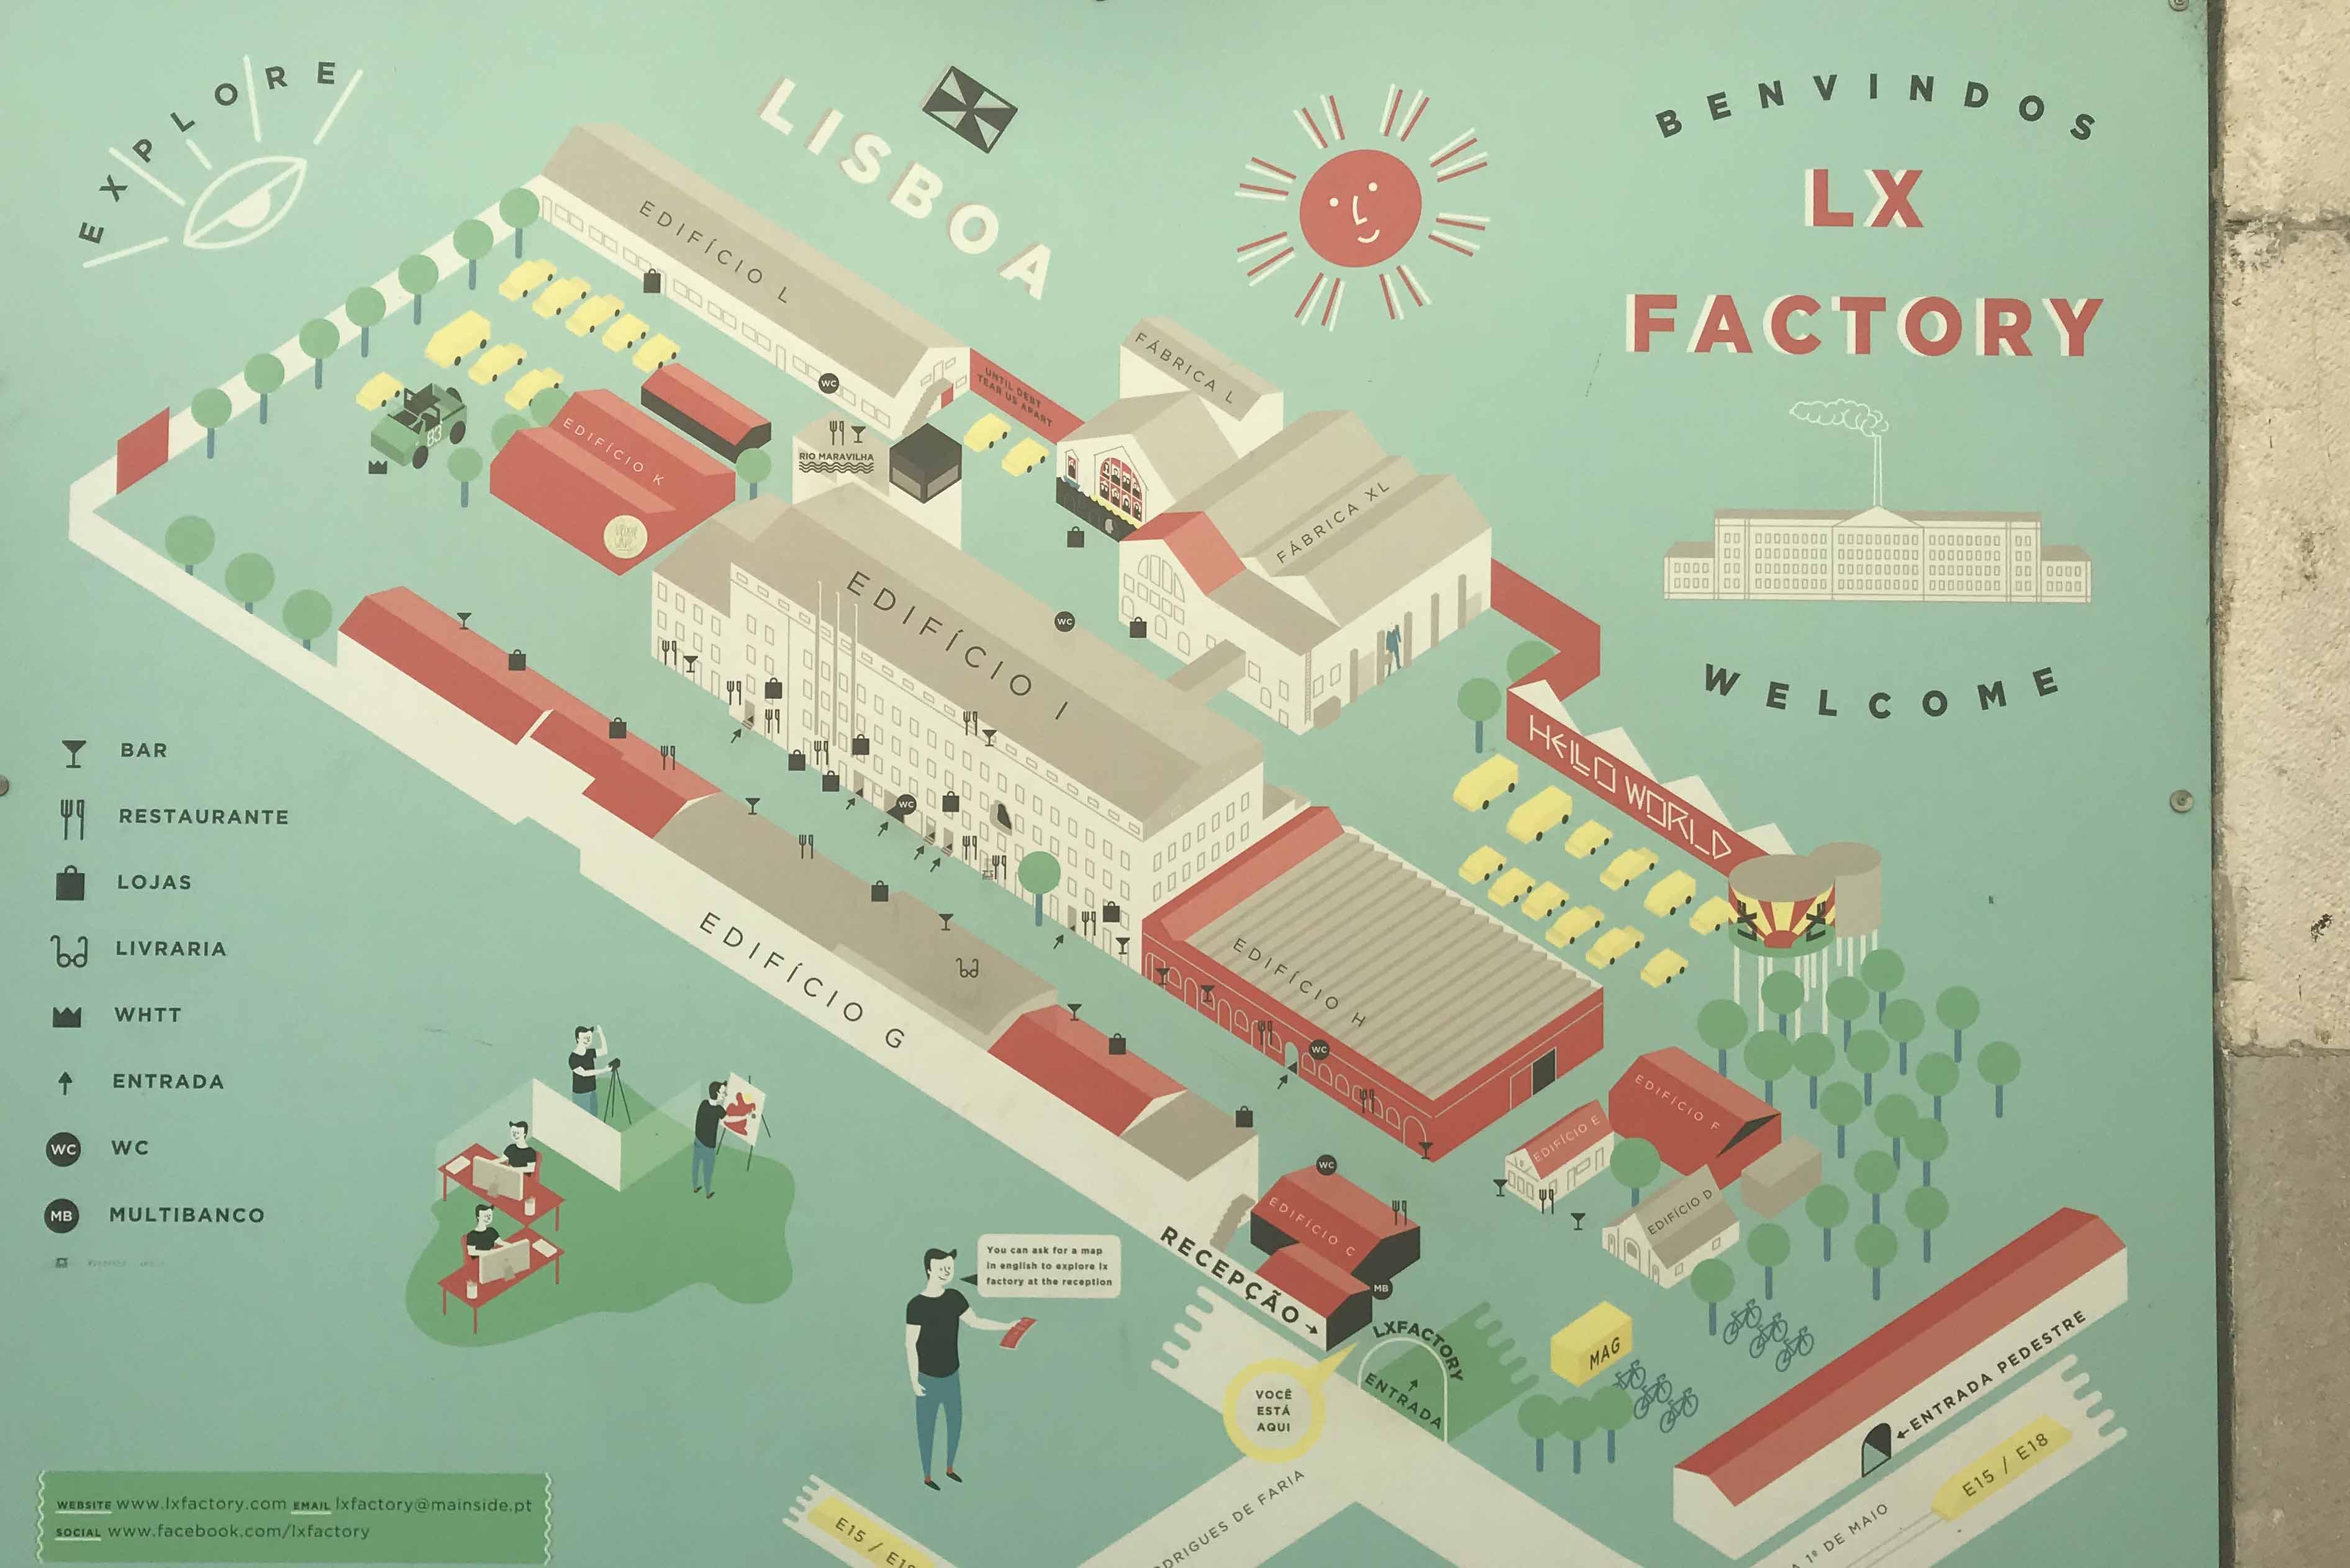 LX FACTORY LISBOA